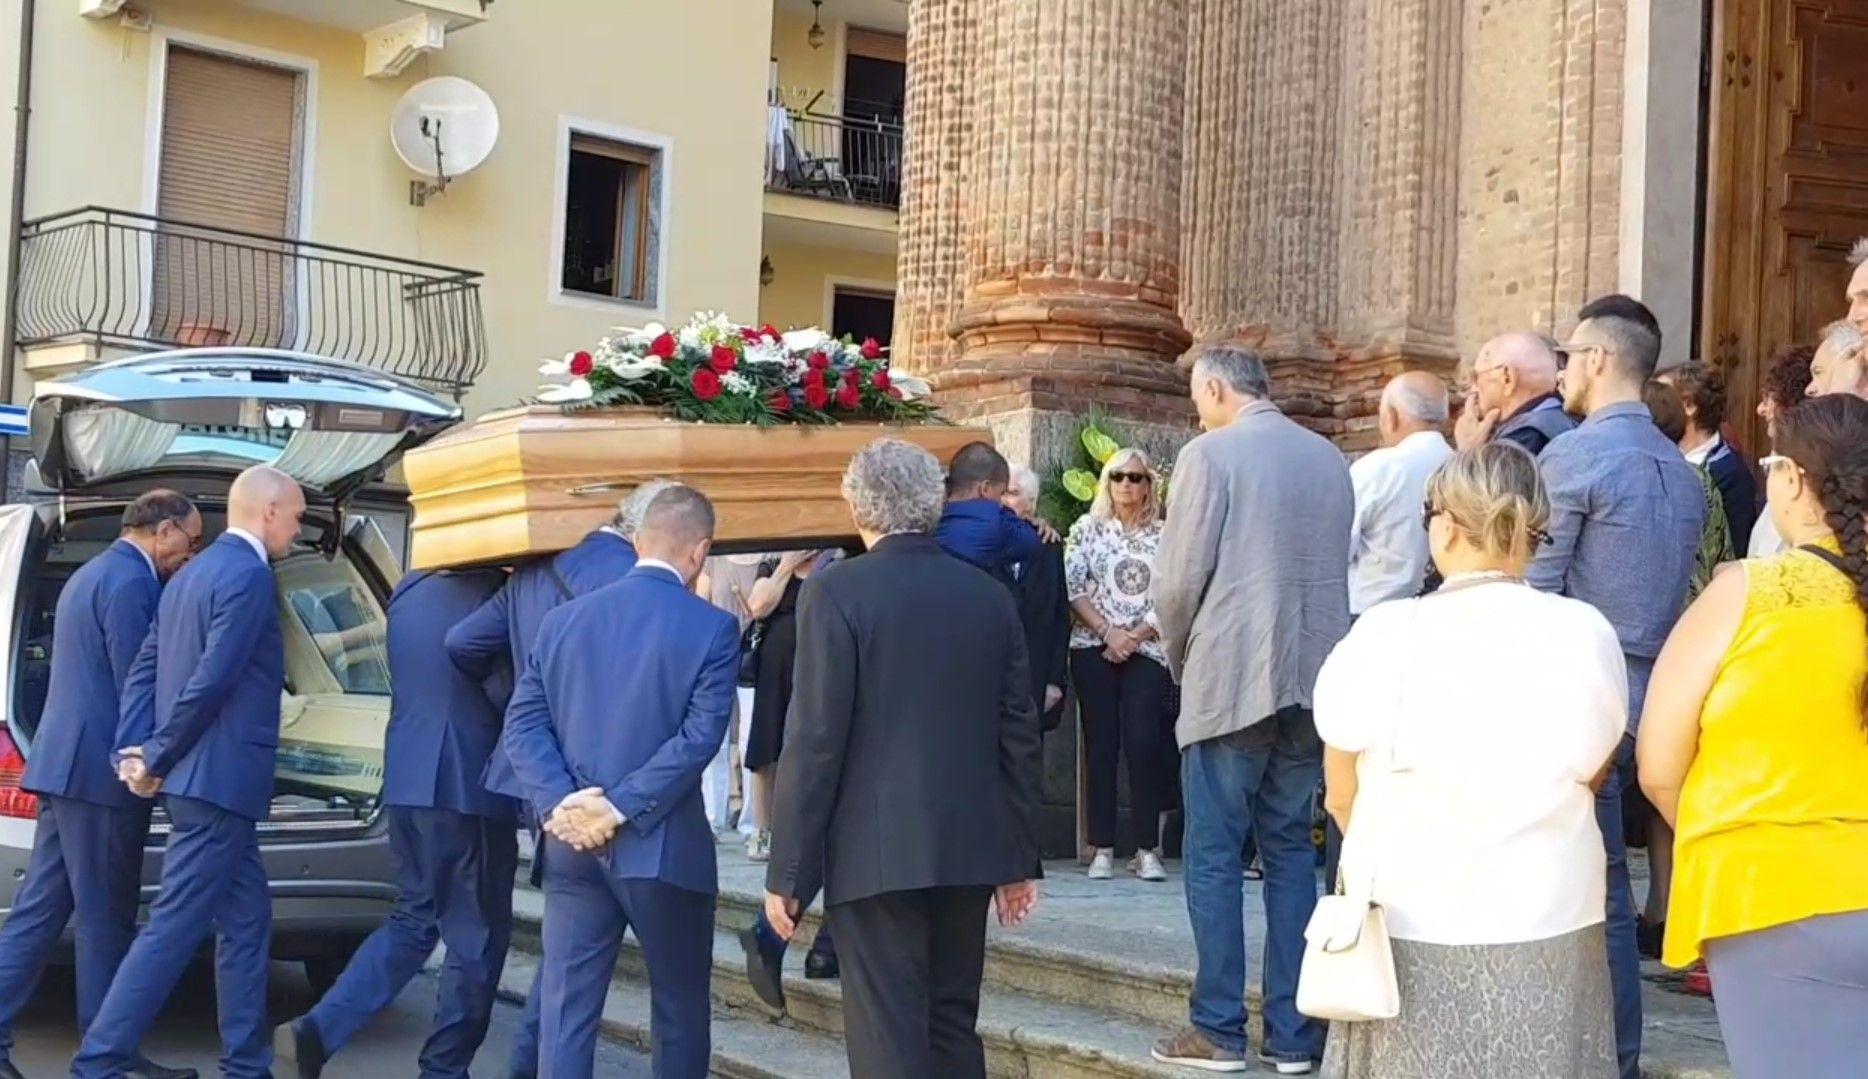 FAVRIA - Tanto dolore per l'addio a Guido. Appello del padre: «Facciamo in modo che non succeda più» - VIDEO